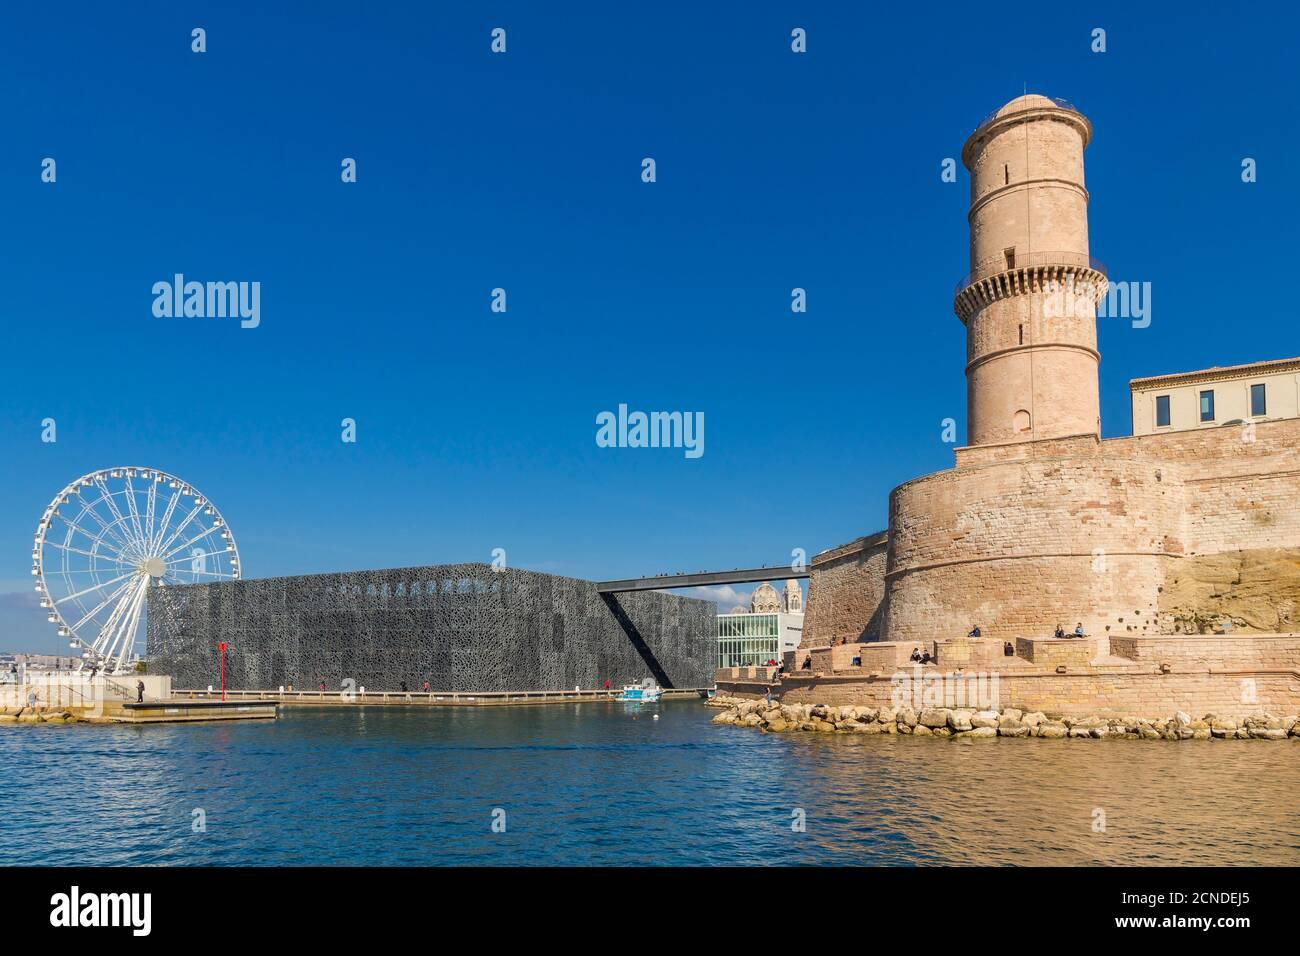 Vue depuis un bateau d'excursion jusqu'au bâtiment MuCEM et à la tour de la forteresse Saint Jean, Marseille, Bouches du Rhône, Provence, France Banque D'Images